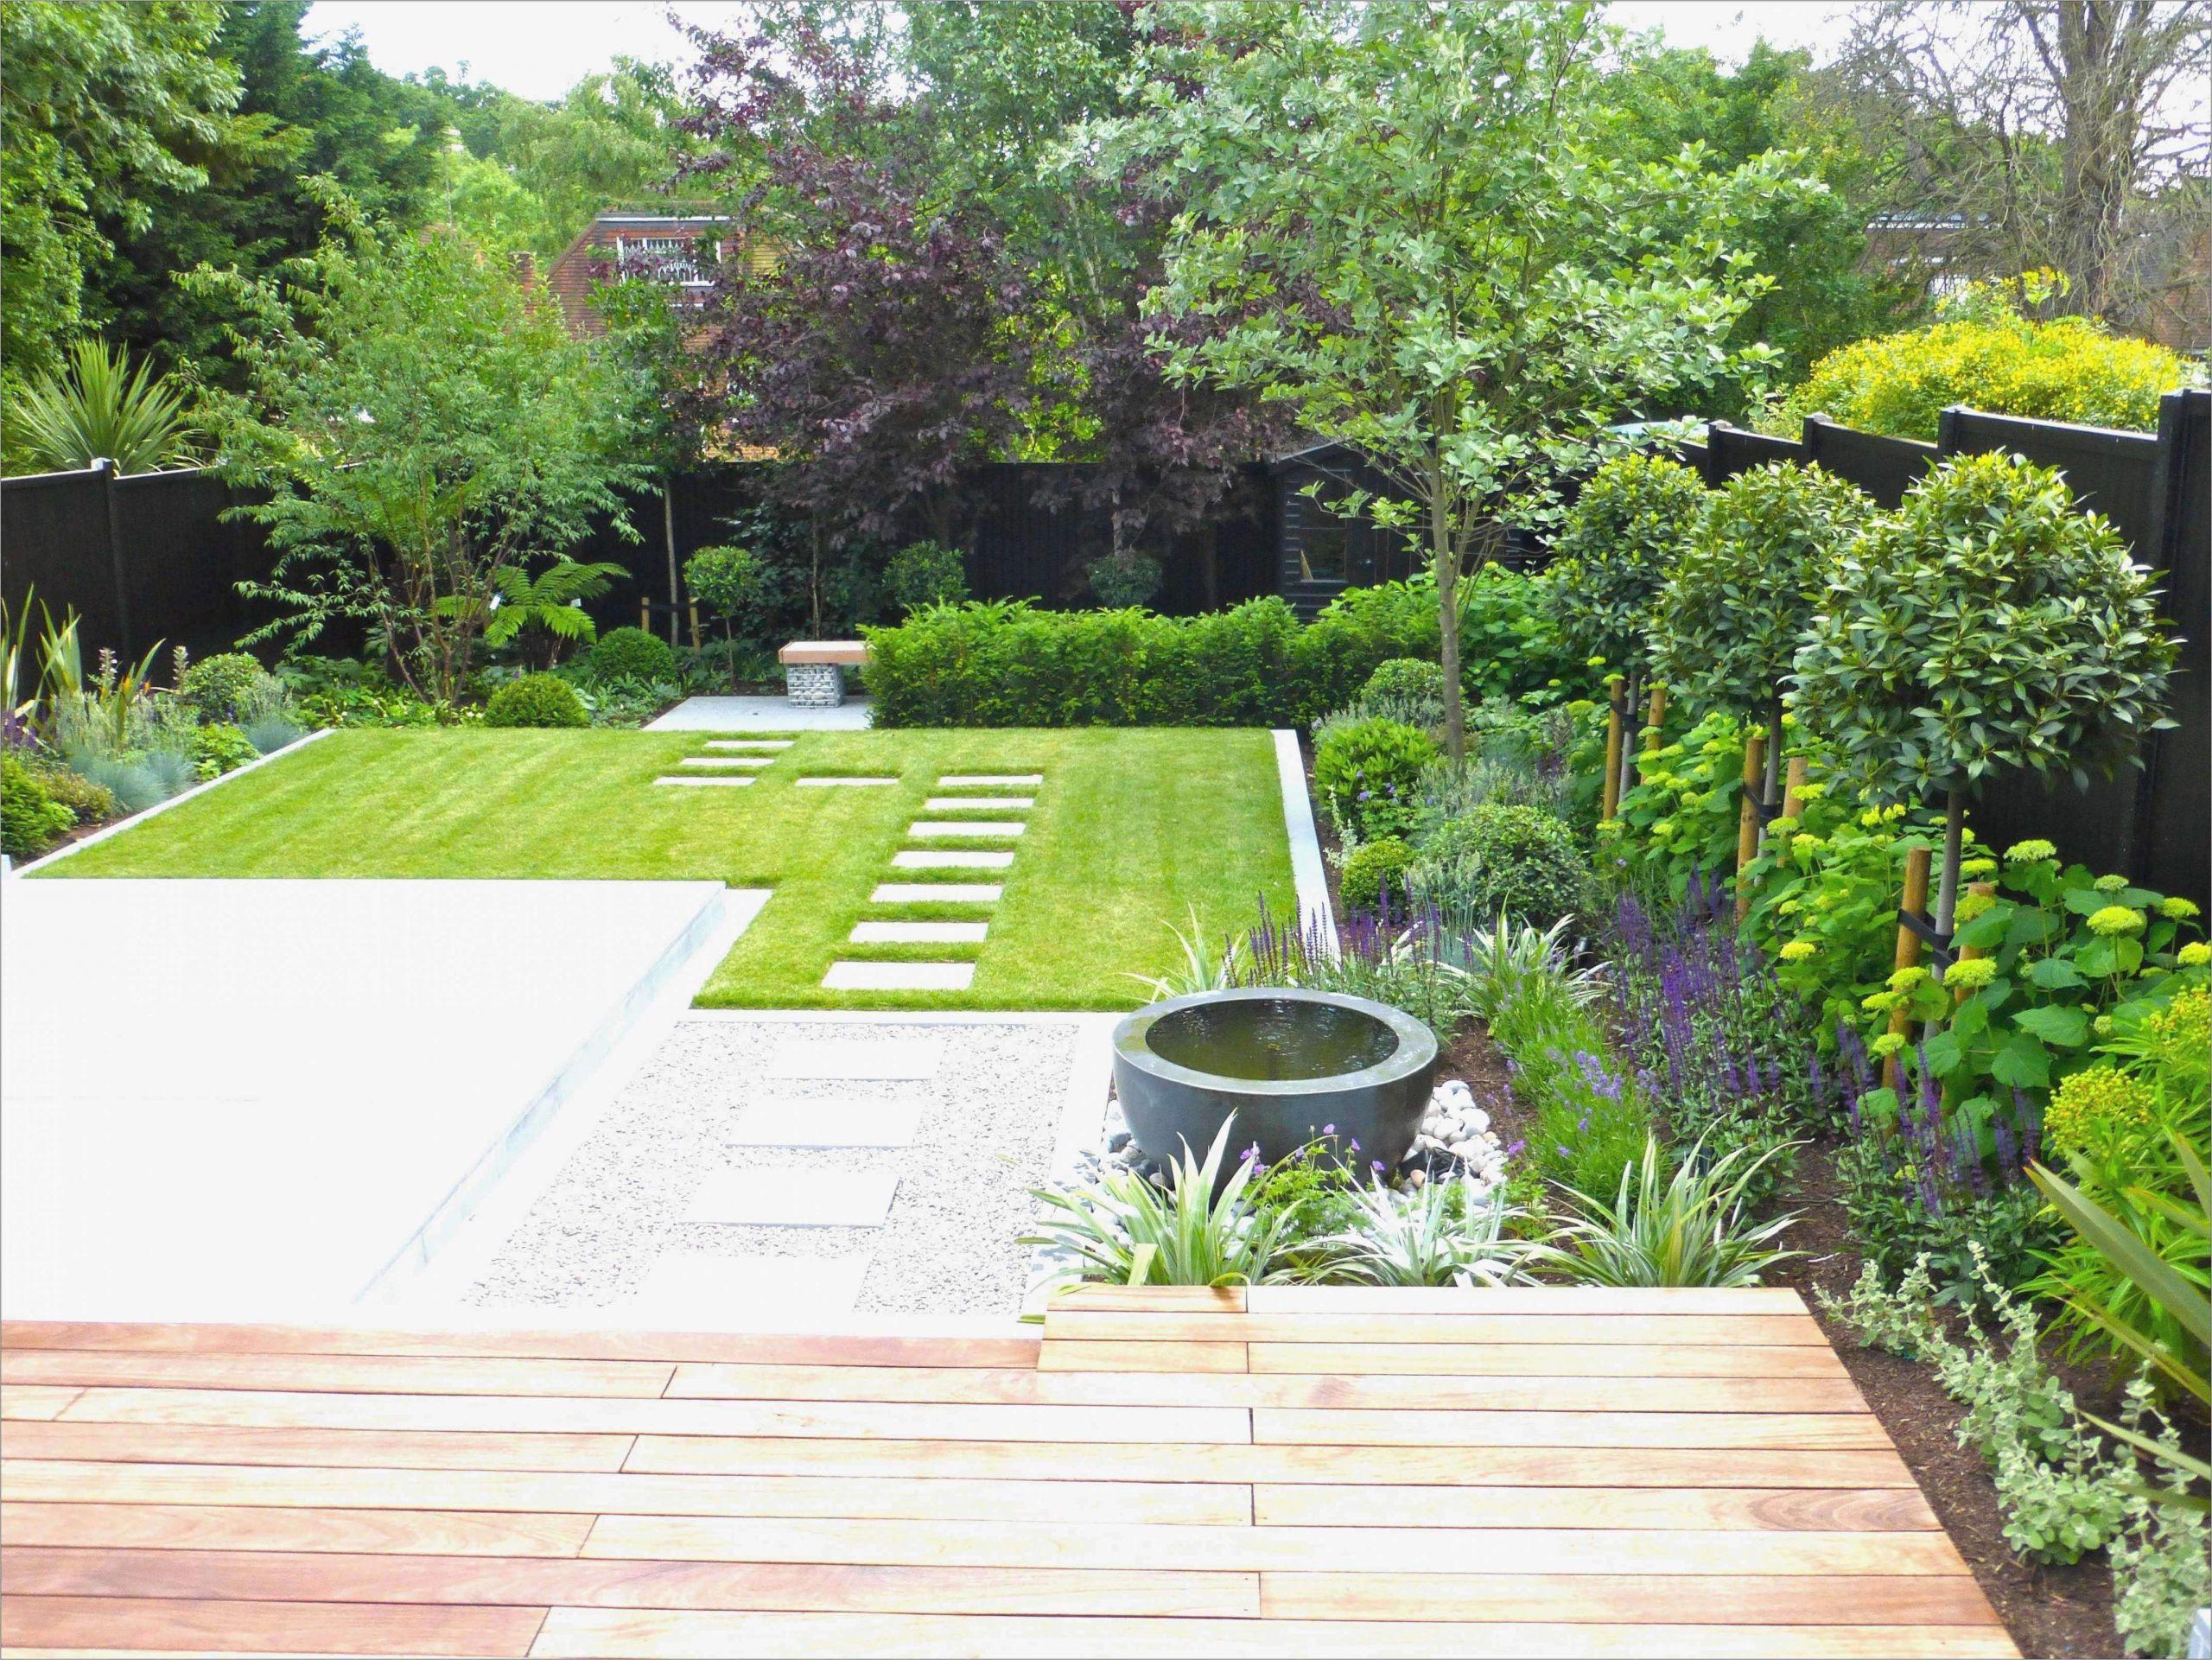 Feuerstelle Für Garten Das Beste Von Ideen Für Grillplatz Im Garten — Temobardz Home Blog